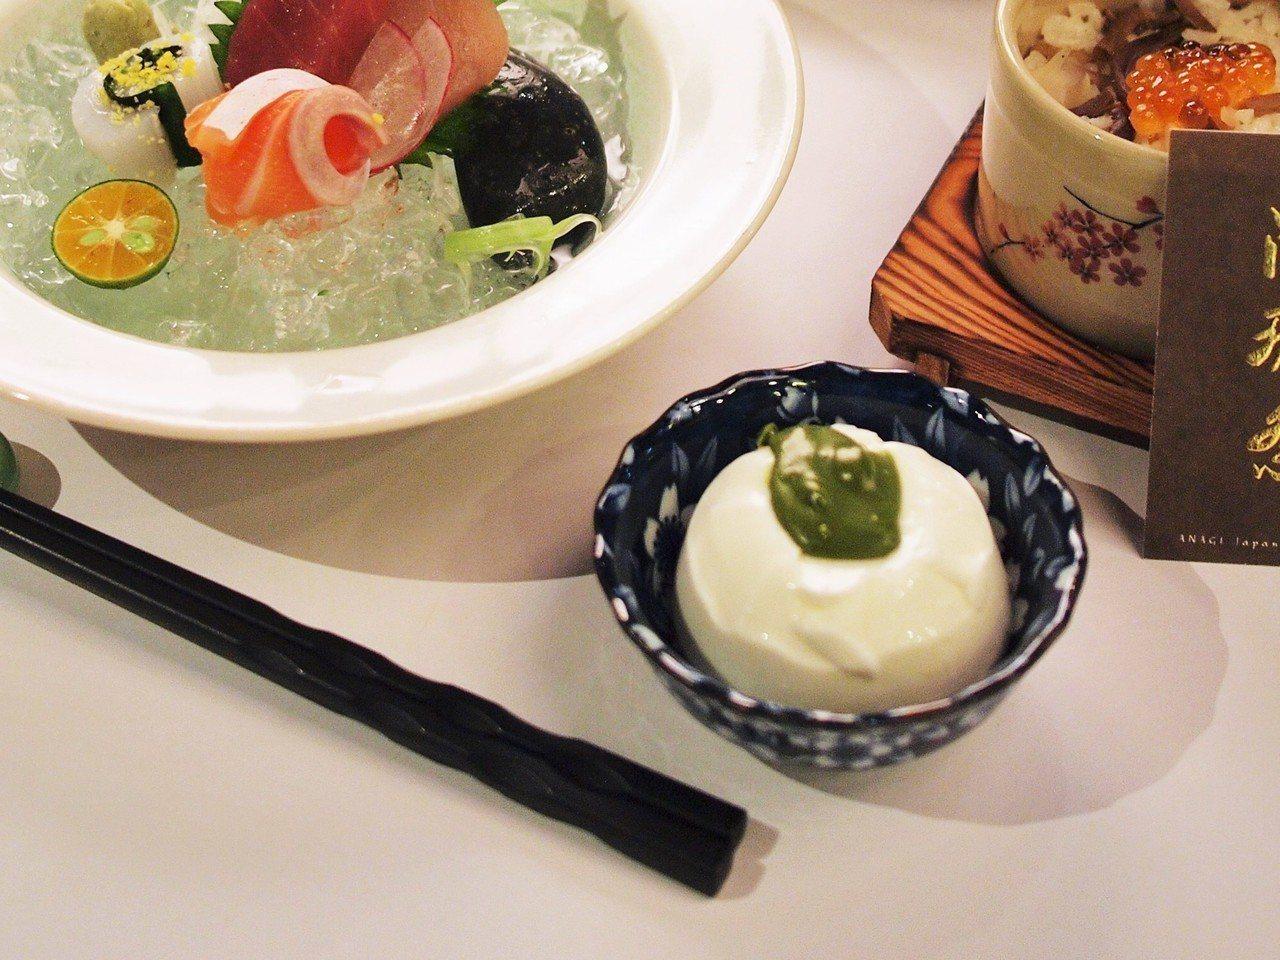 (圖/台灣旅行趣) ▲抹茶奶酪不會過甜,吃得到很棒的抹茶香氣